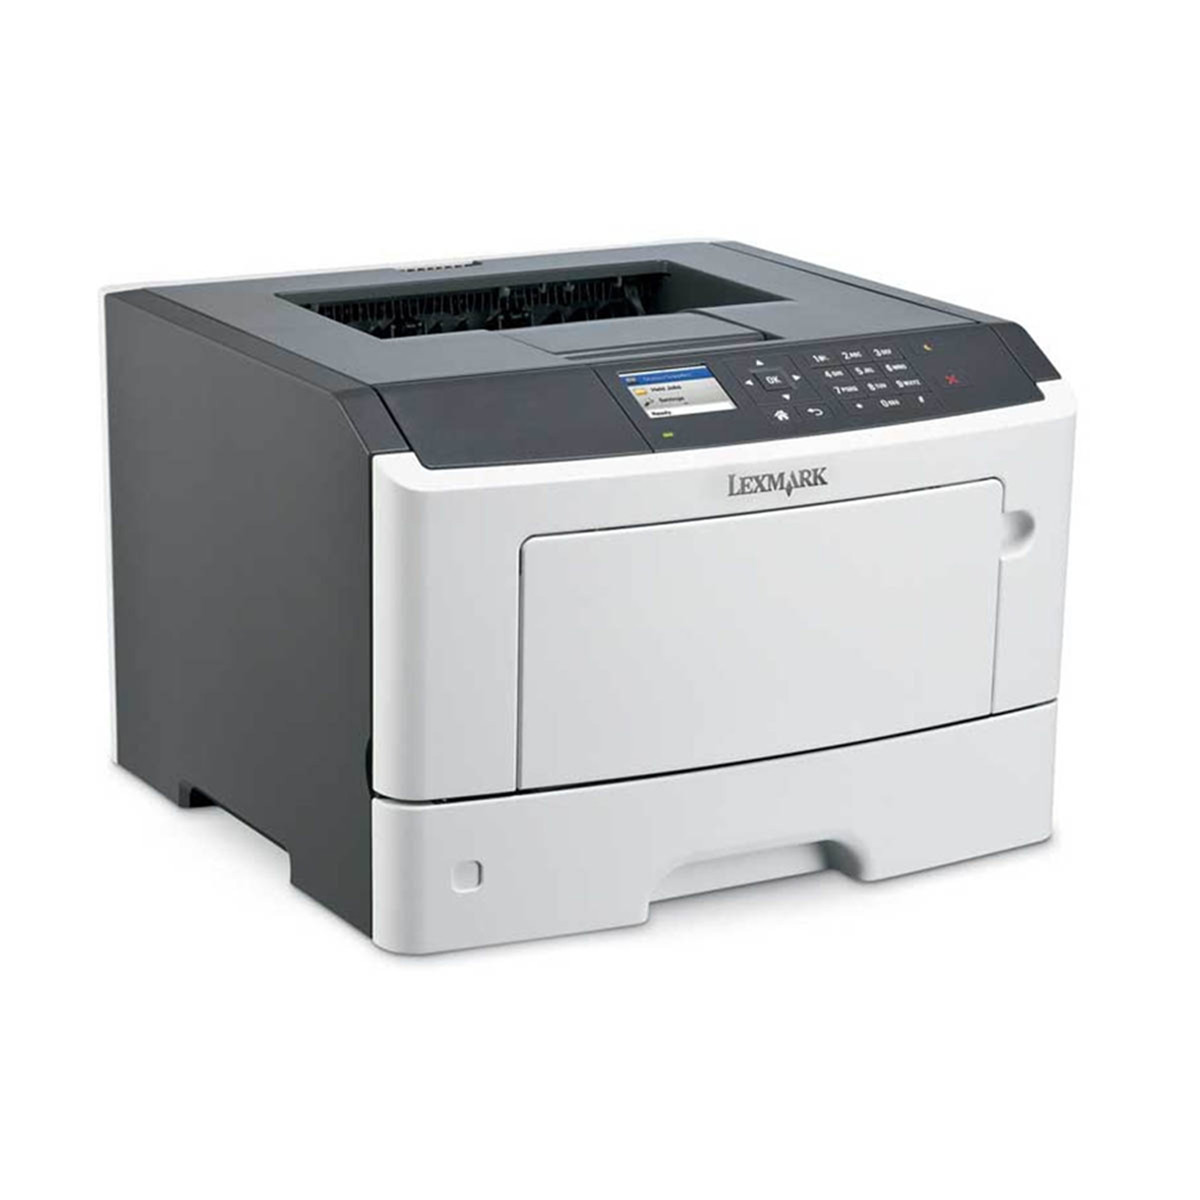 Impressora Lexmark MS517DN MS517   Laser Monocromática com Duplex e Rede